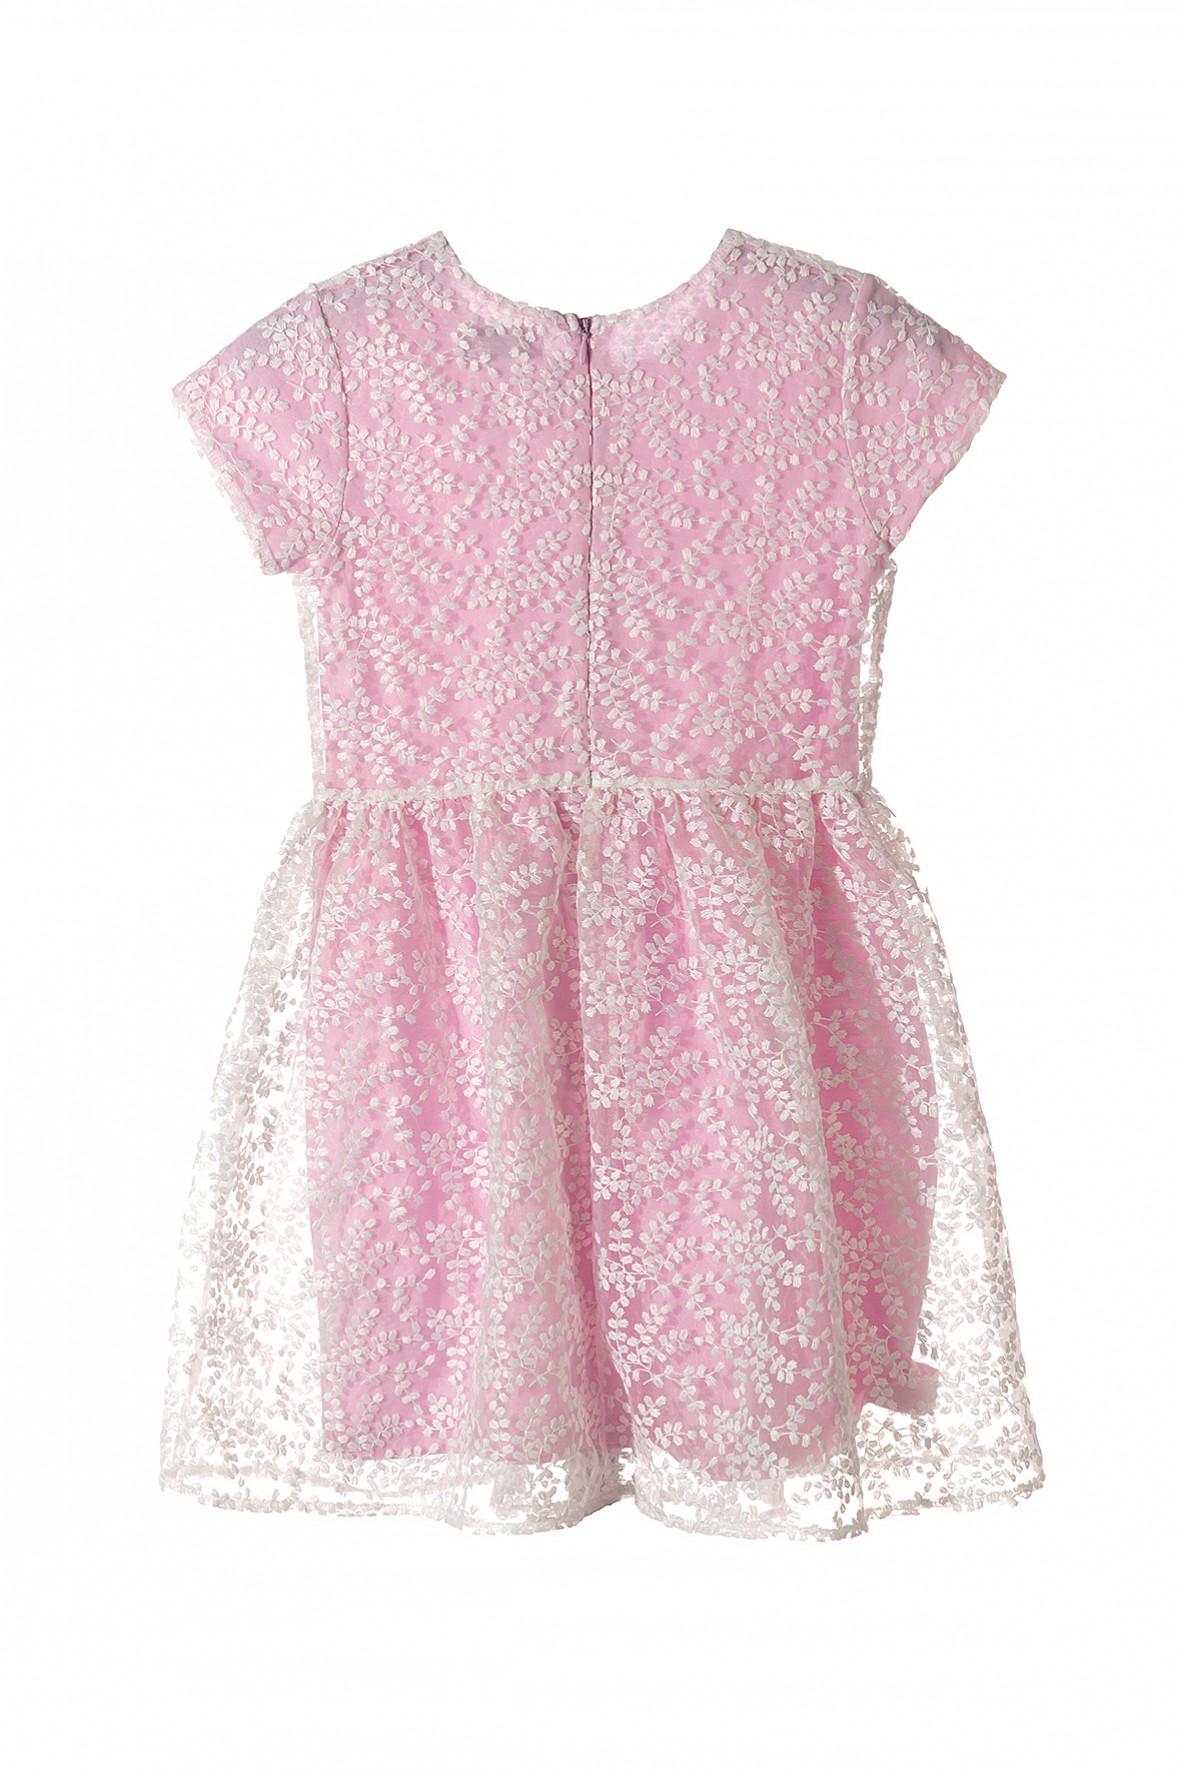 35c4707b91 Sukienka dla dziewczynki na specjalne okazje-eleganckie ubrania dla ...